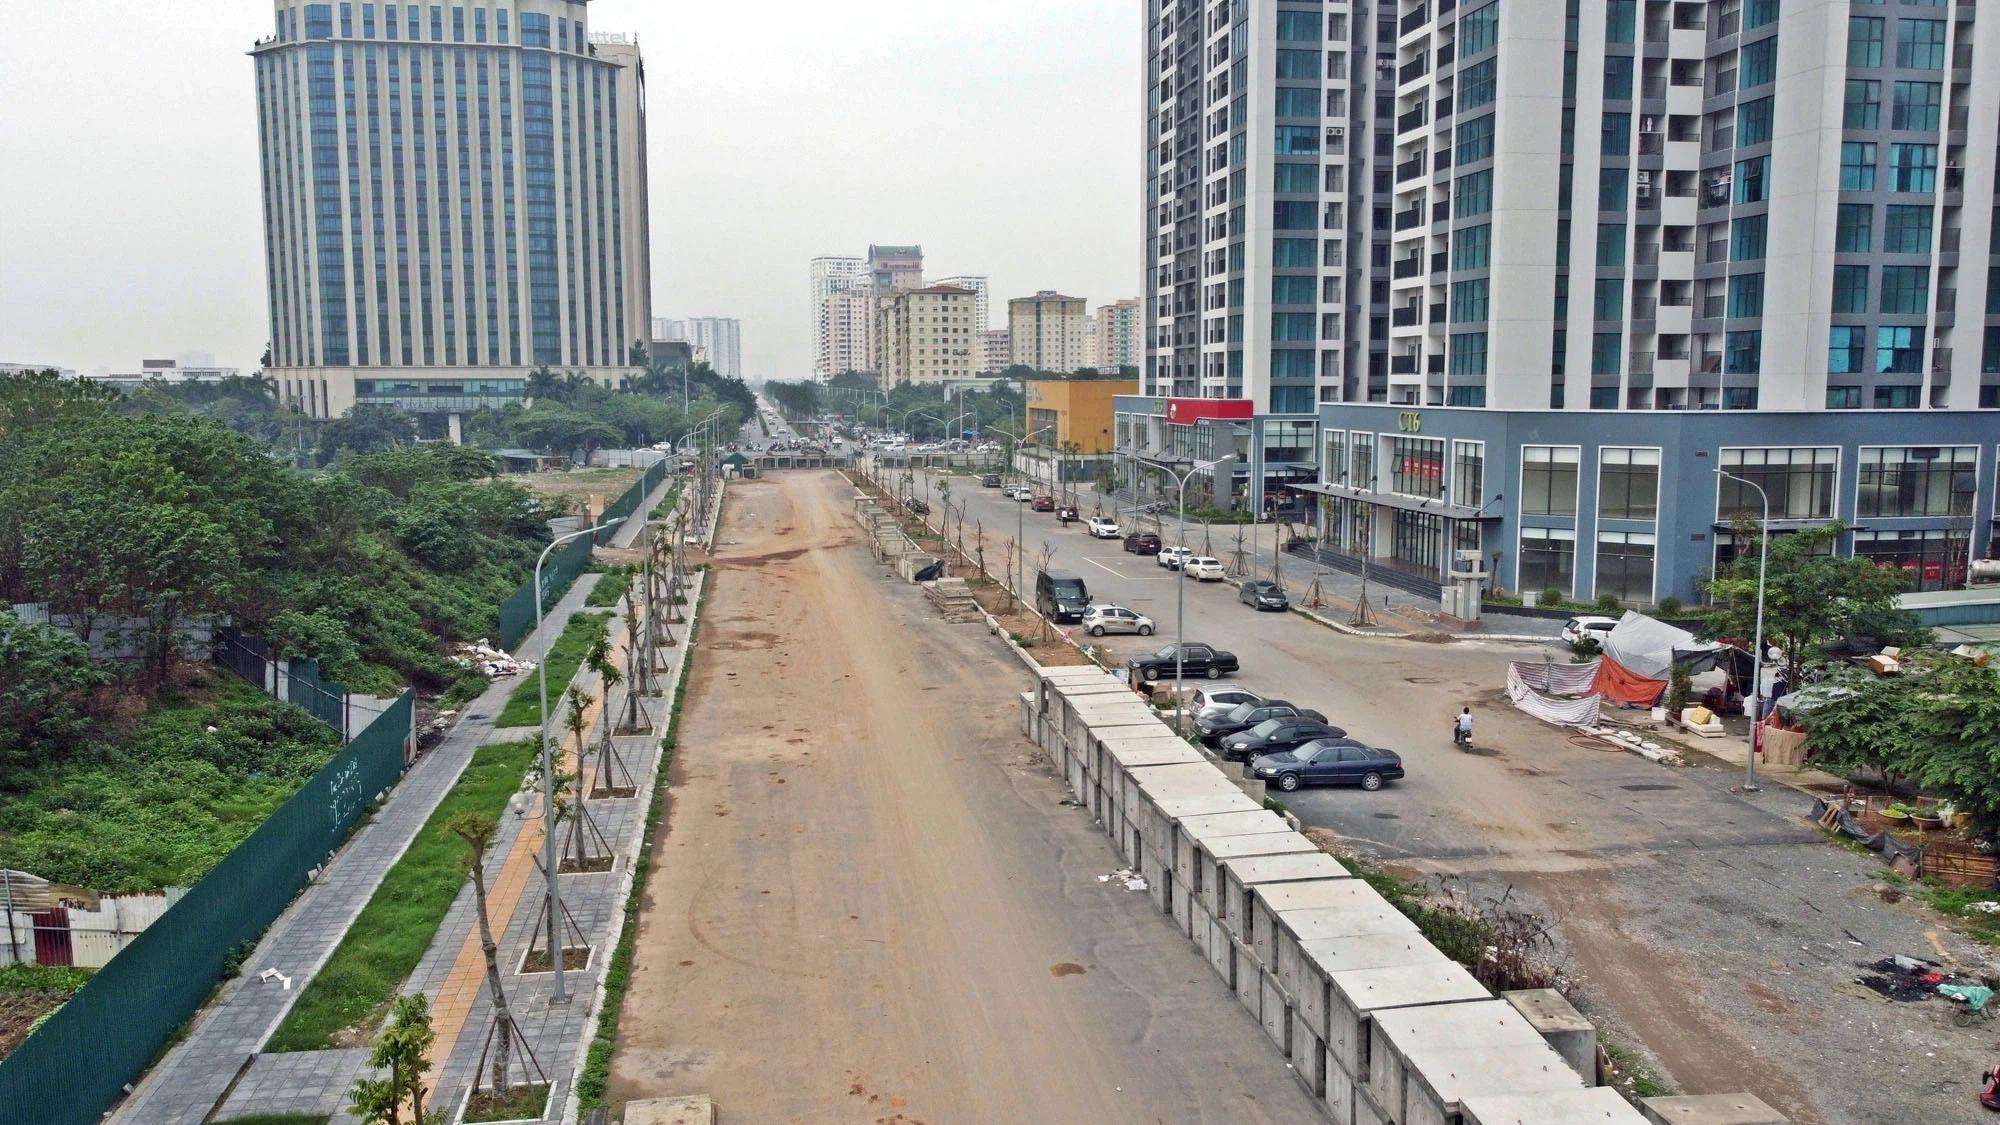 Toàn cảnh đường nối Lê Đức Thọ - Phạm Hùng đang mở theo quy hoạch ở Hà Nội - Ảnh 13.